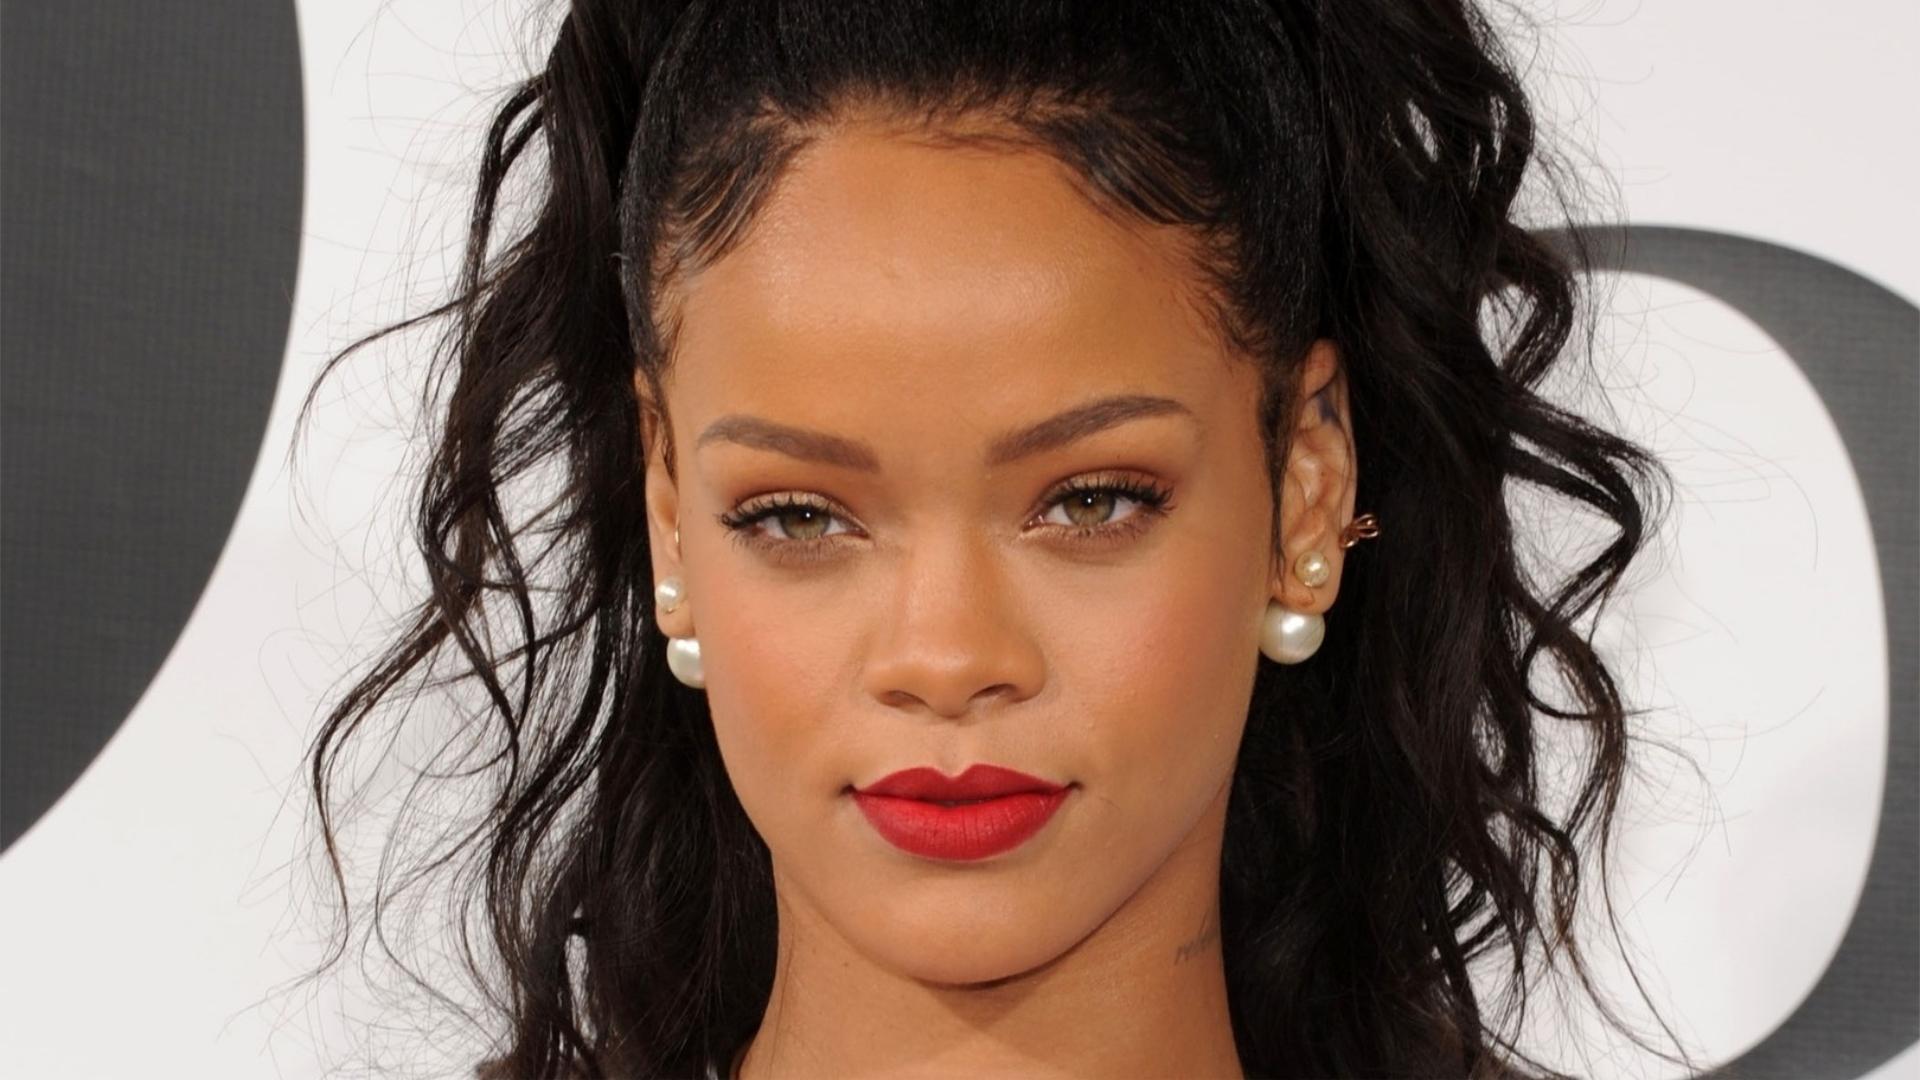 Rihanna rechazó cantar durante el espectáculo de medio tiempo del Super Bowl LIII (Foto: Archivo)